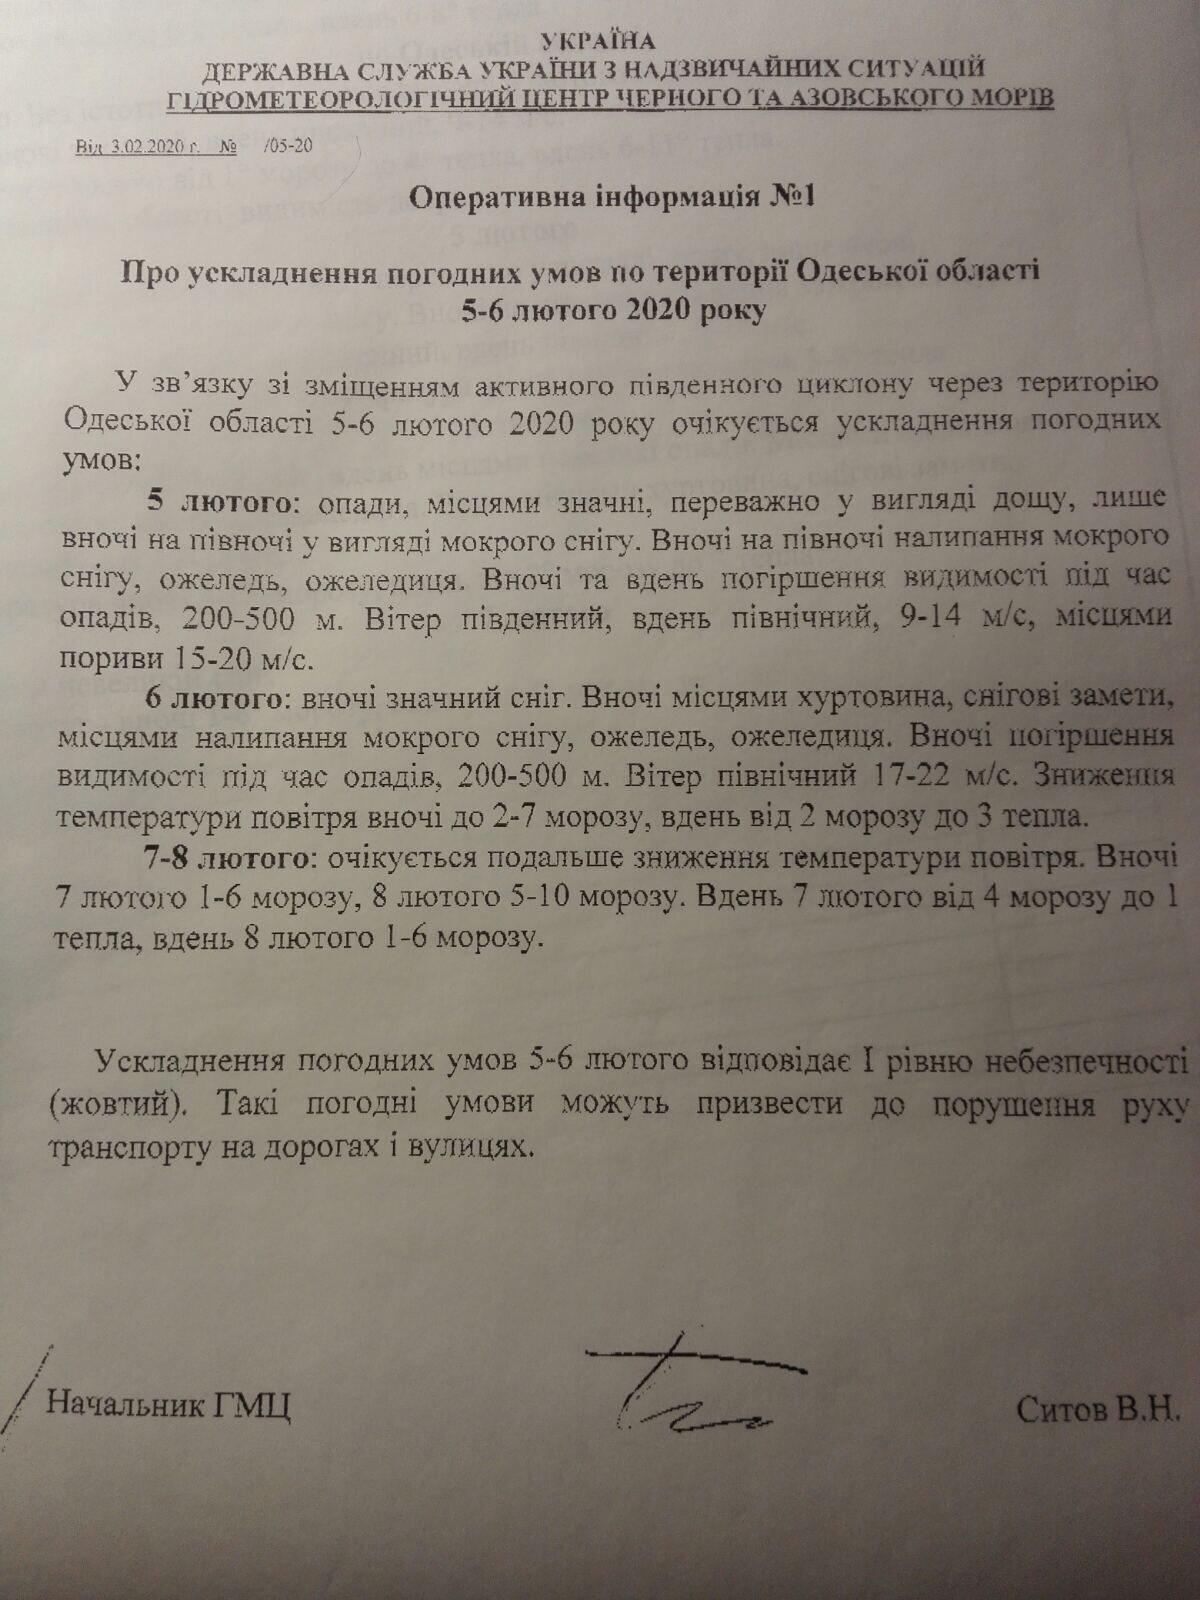 Вьюга, снежные заносы, гололед: в ближайшие два дня в Одесской области ожидается значительное ухудшение погоды (обновлено)